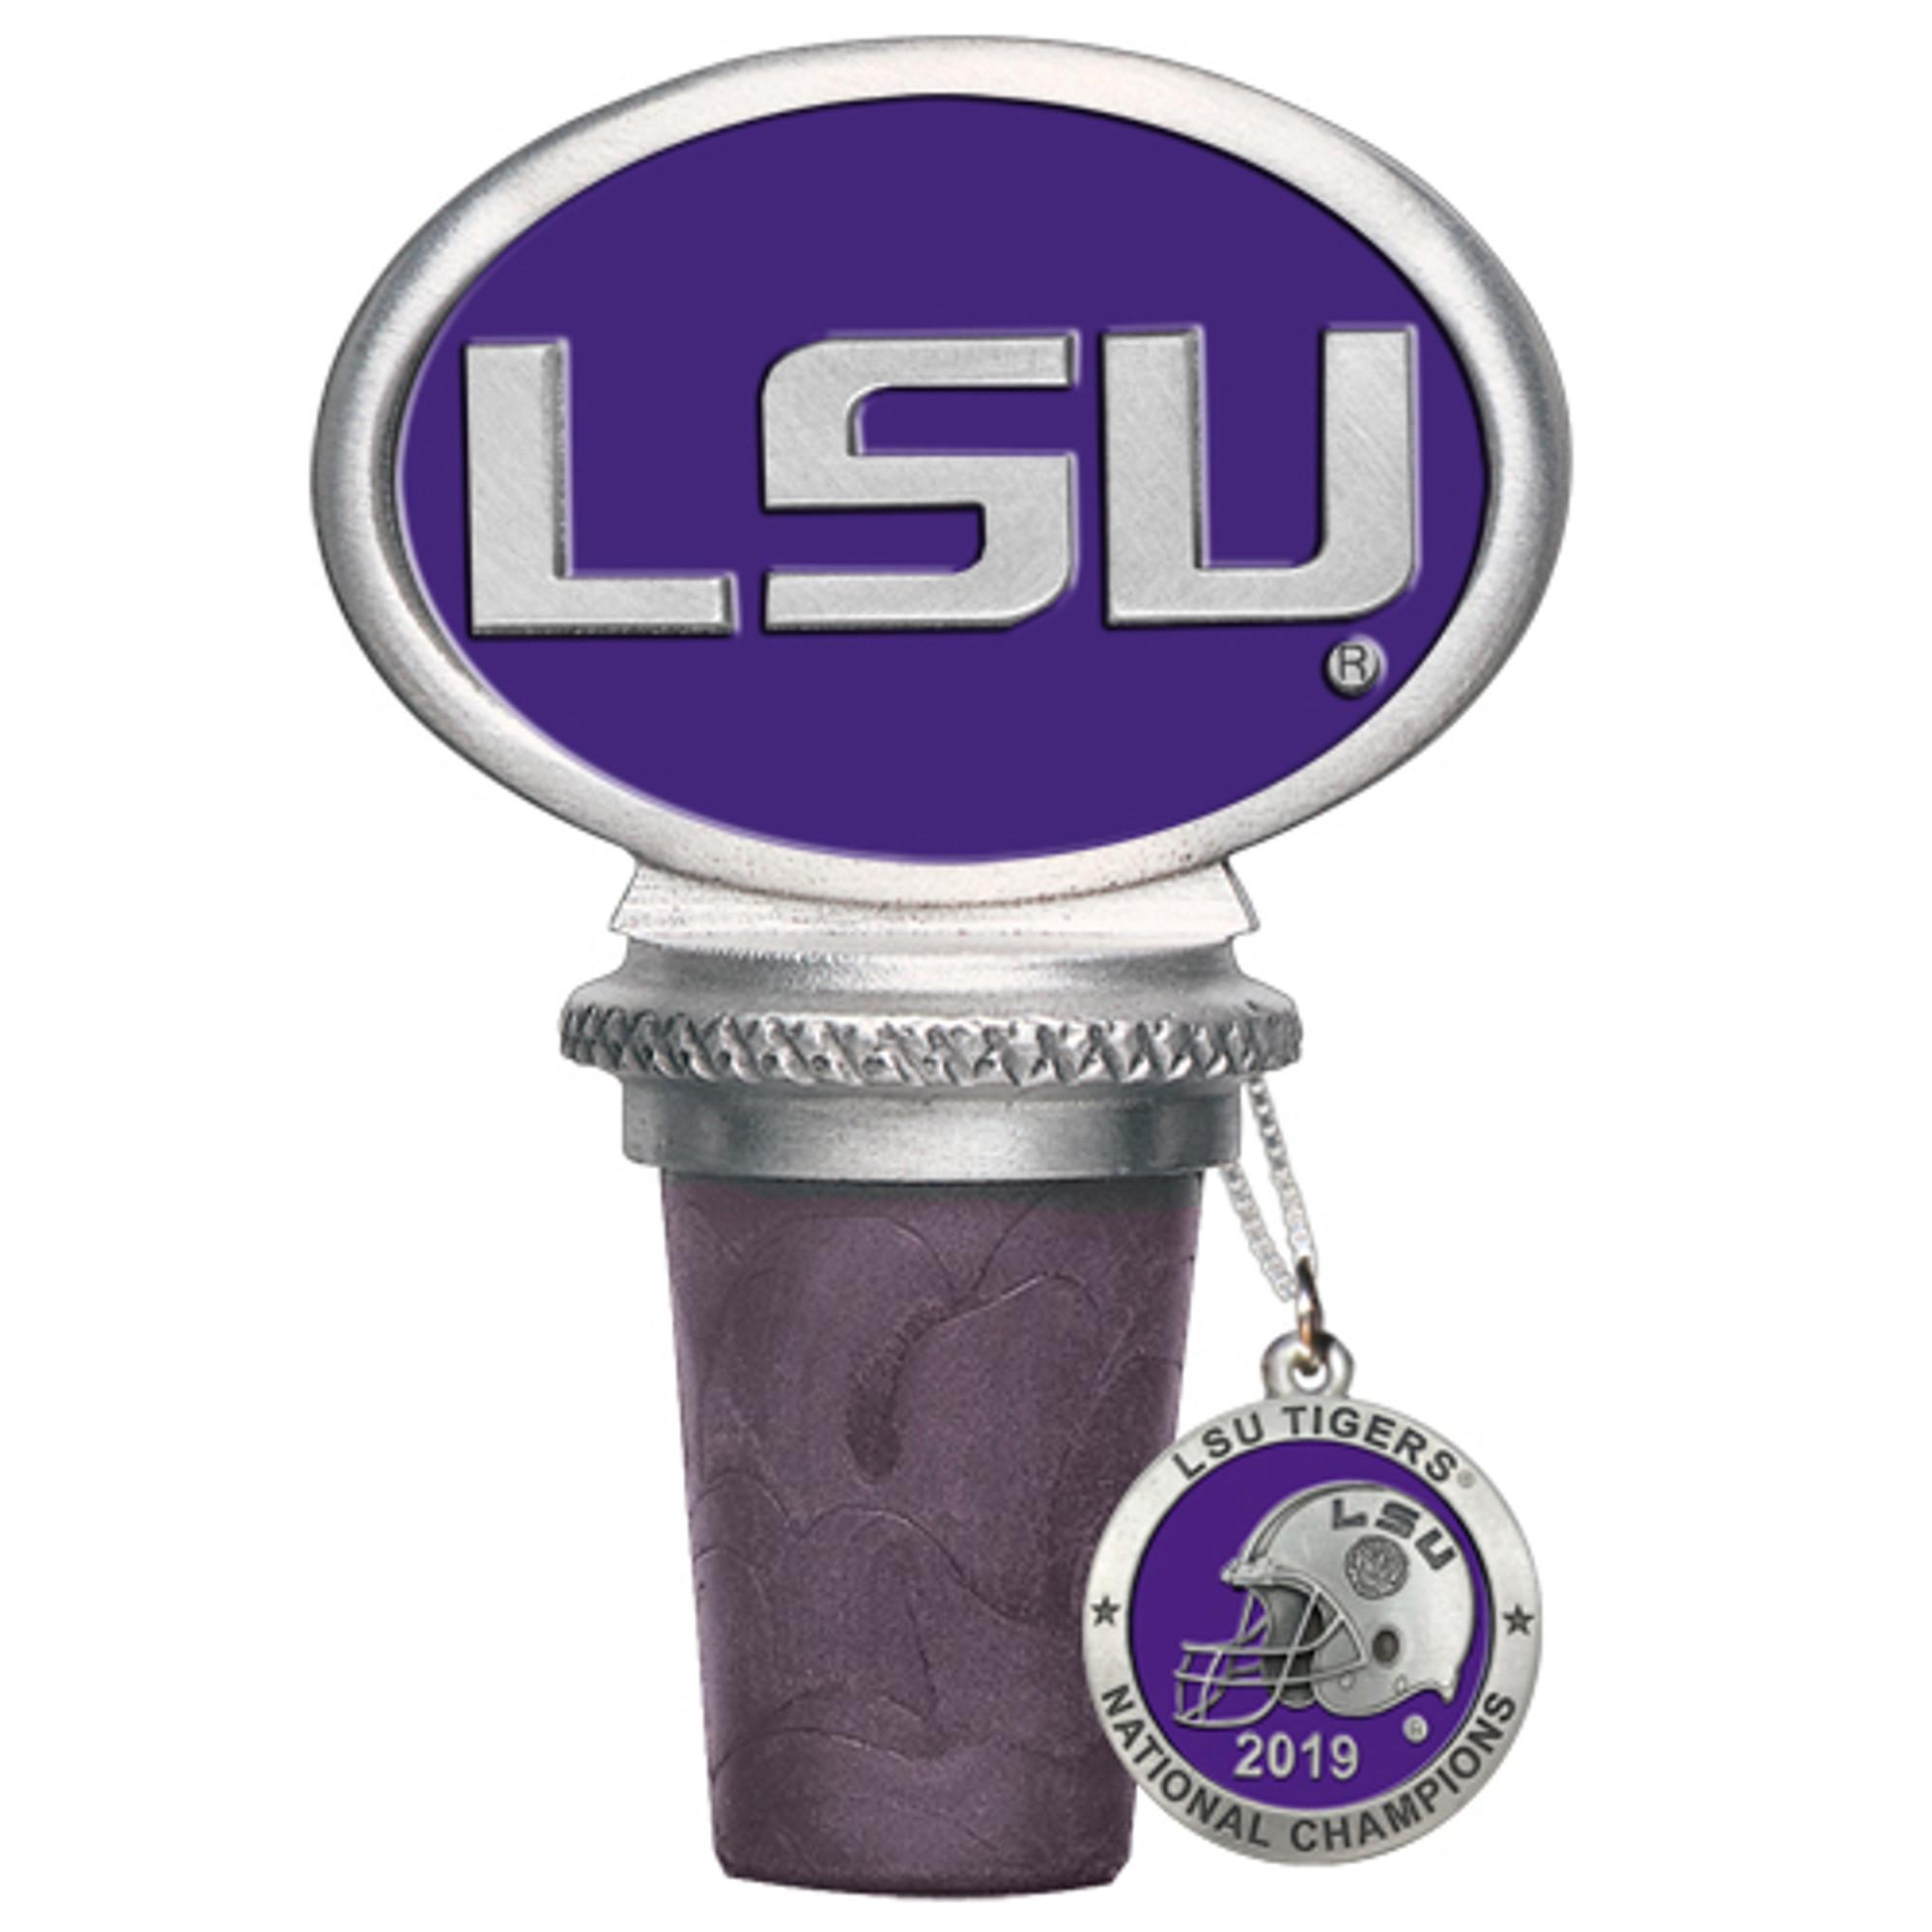 College team bottle stopper.